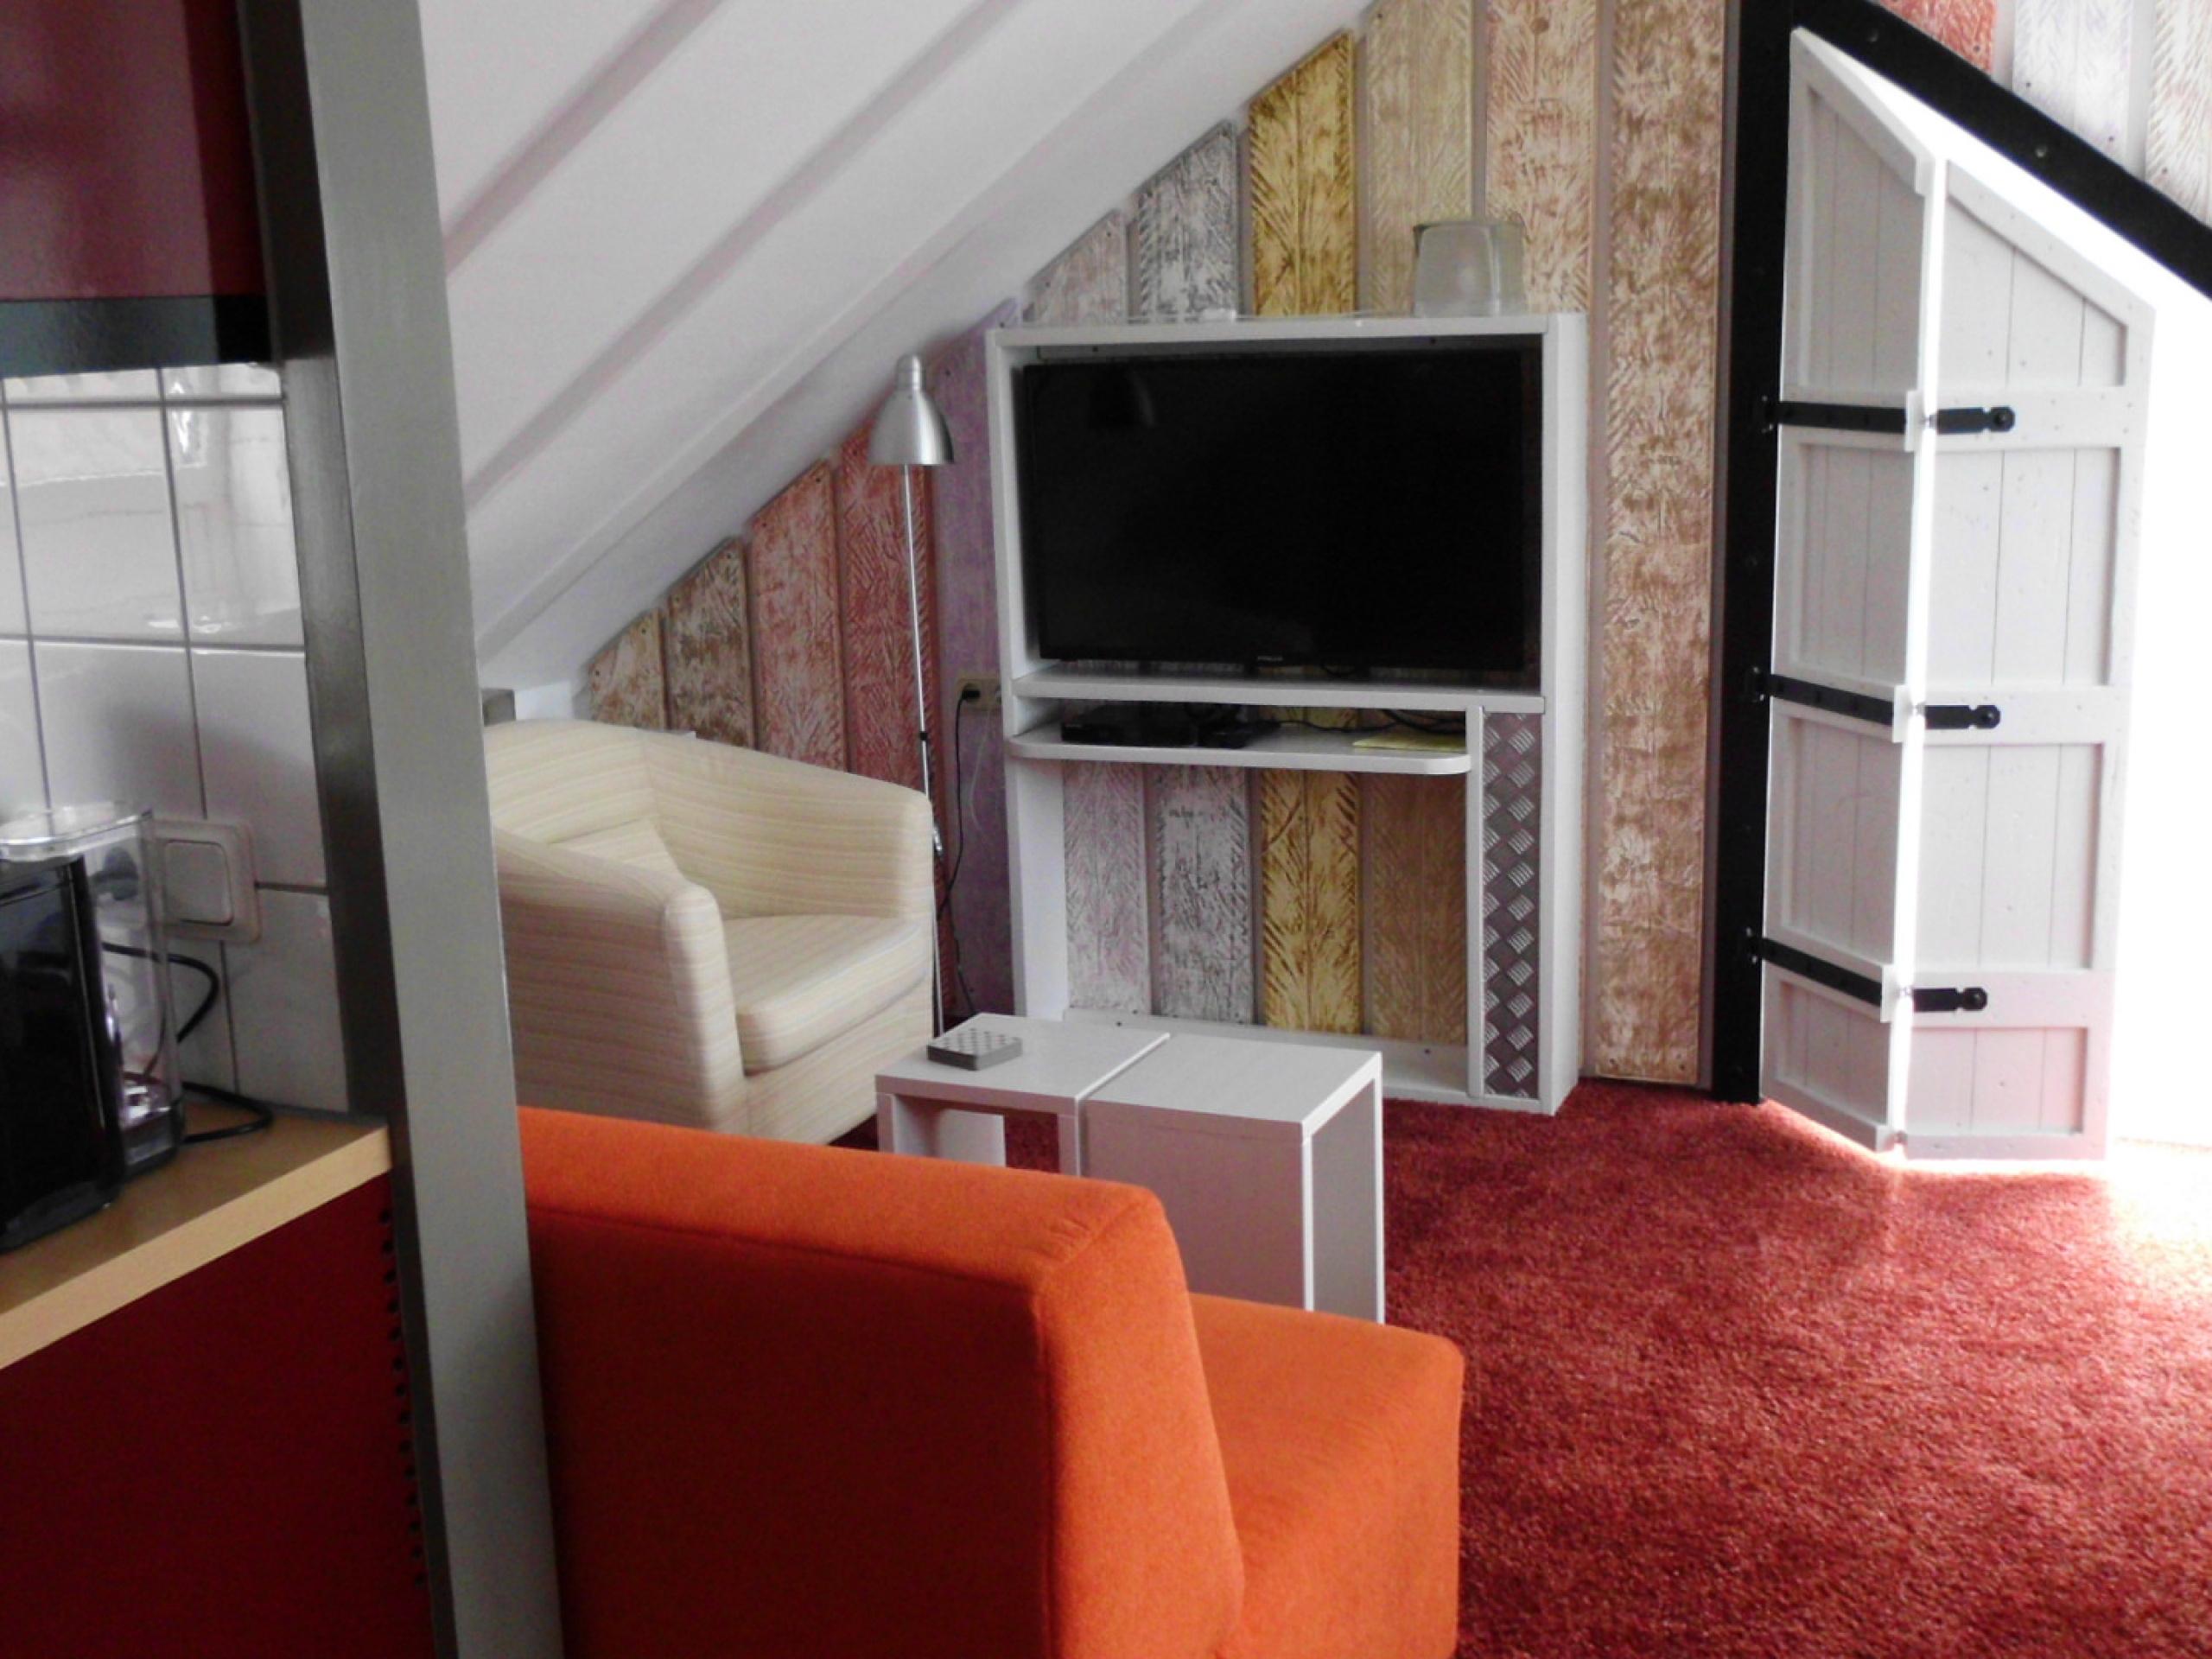 Heerlijk overnachten in comfortabele B & B rustig gelegen in Den Burg